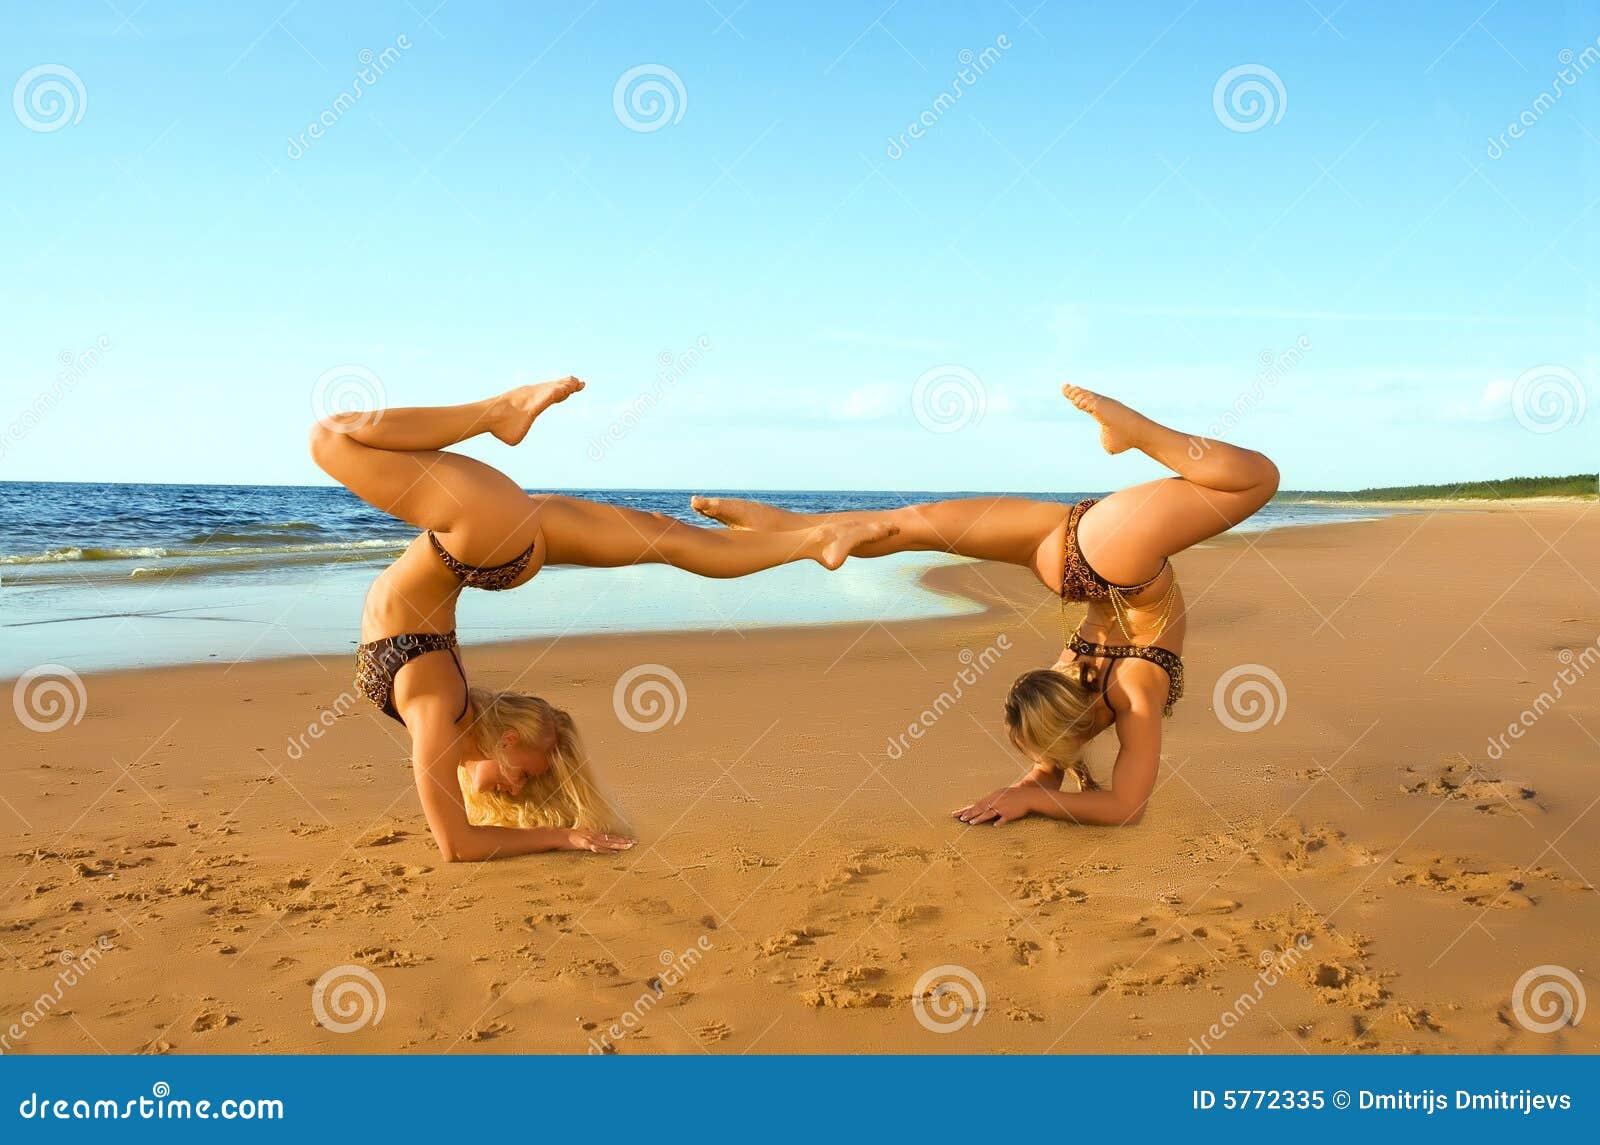 fille deux acrobatique sur la plage image stock image du capacit flexibilit 5772335. Black Bedroom Furniture Sets. Home Design Ideas